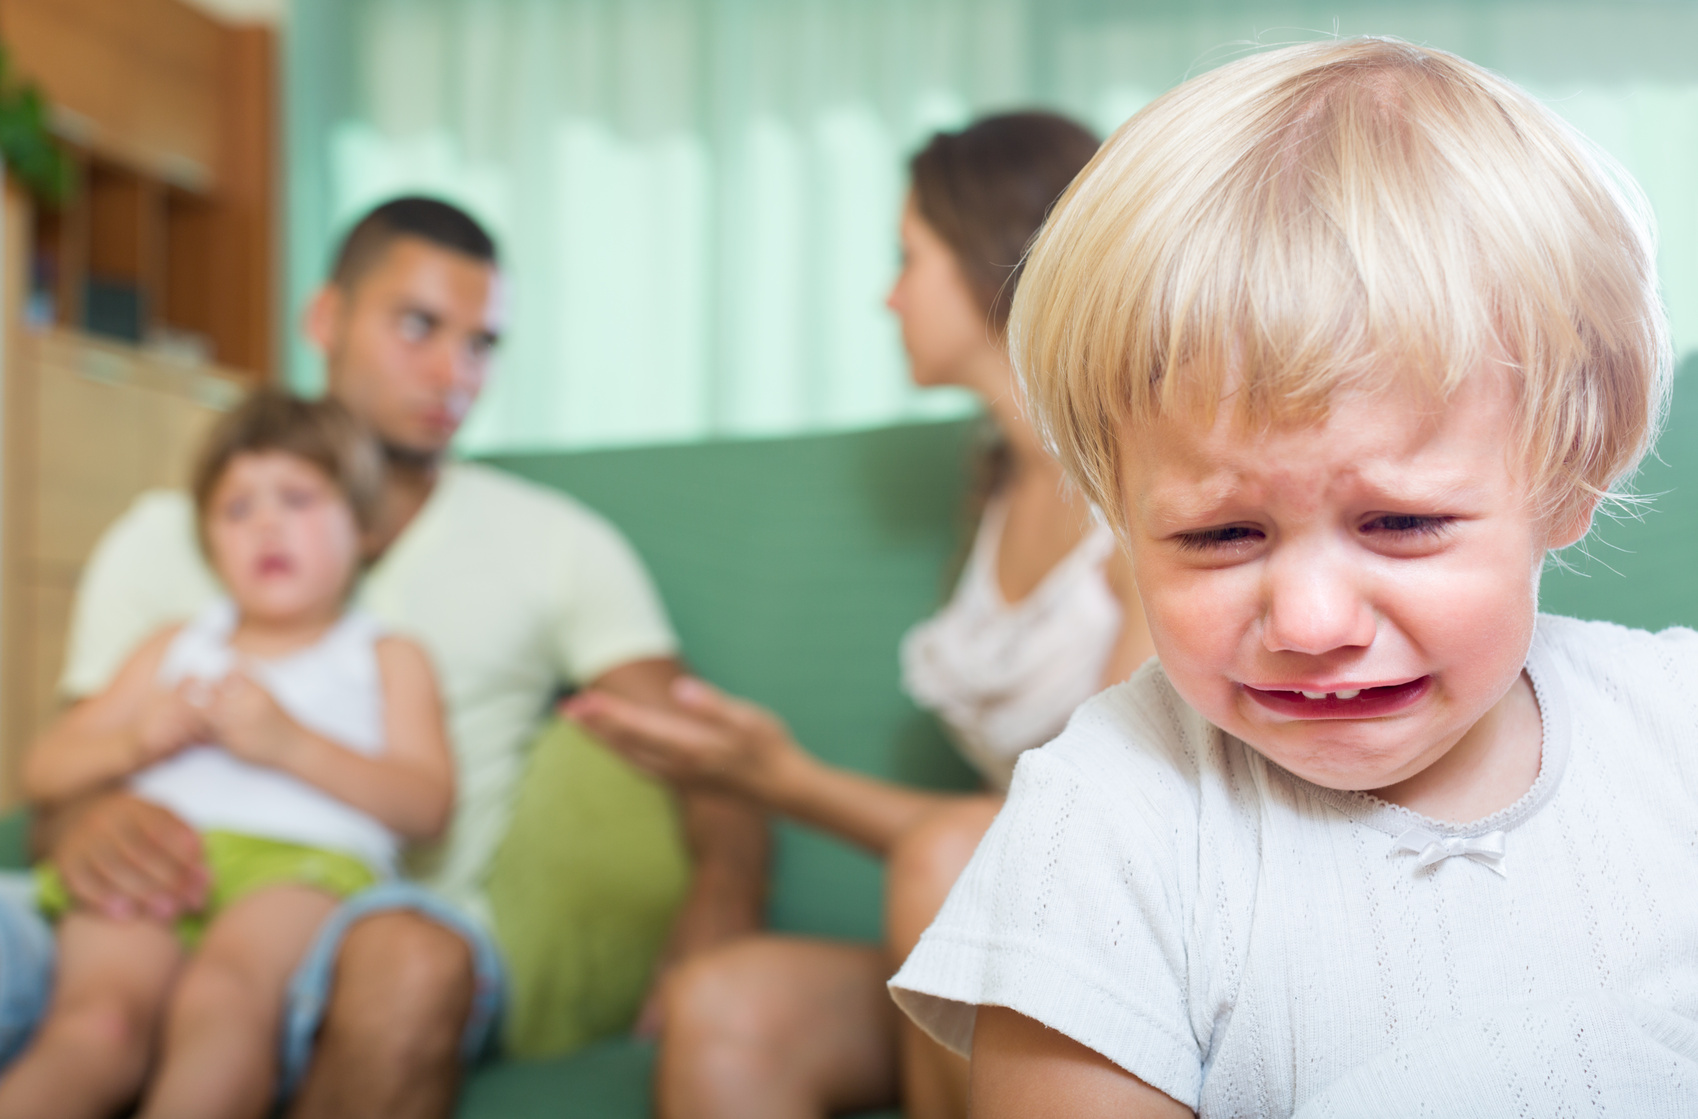 Влияние родителей на детей: как не испортить будущее ребенка